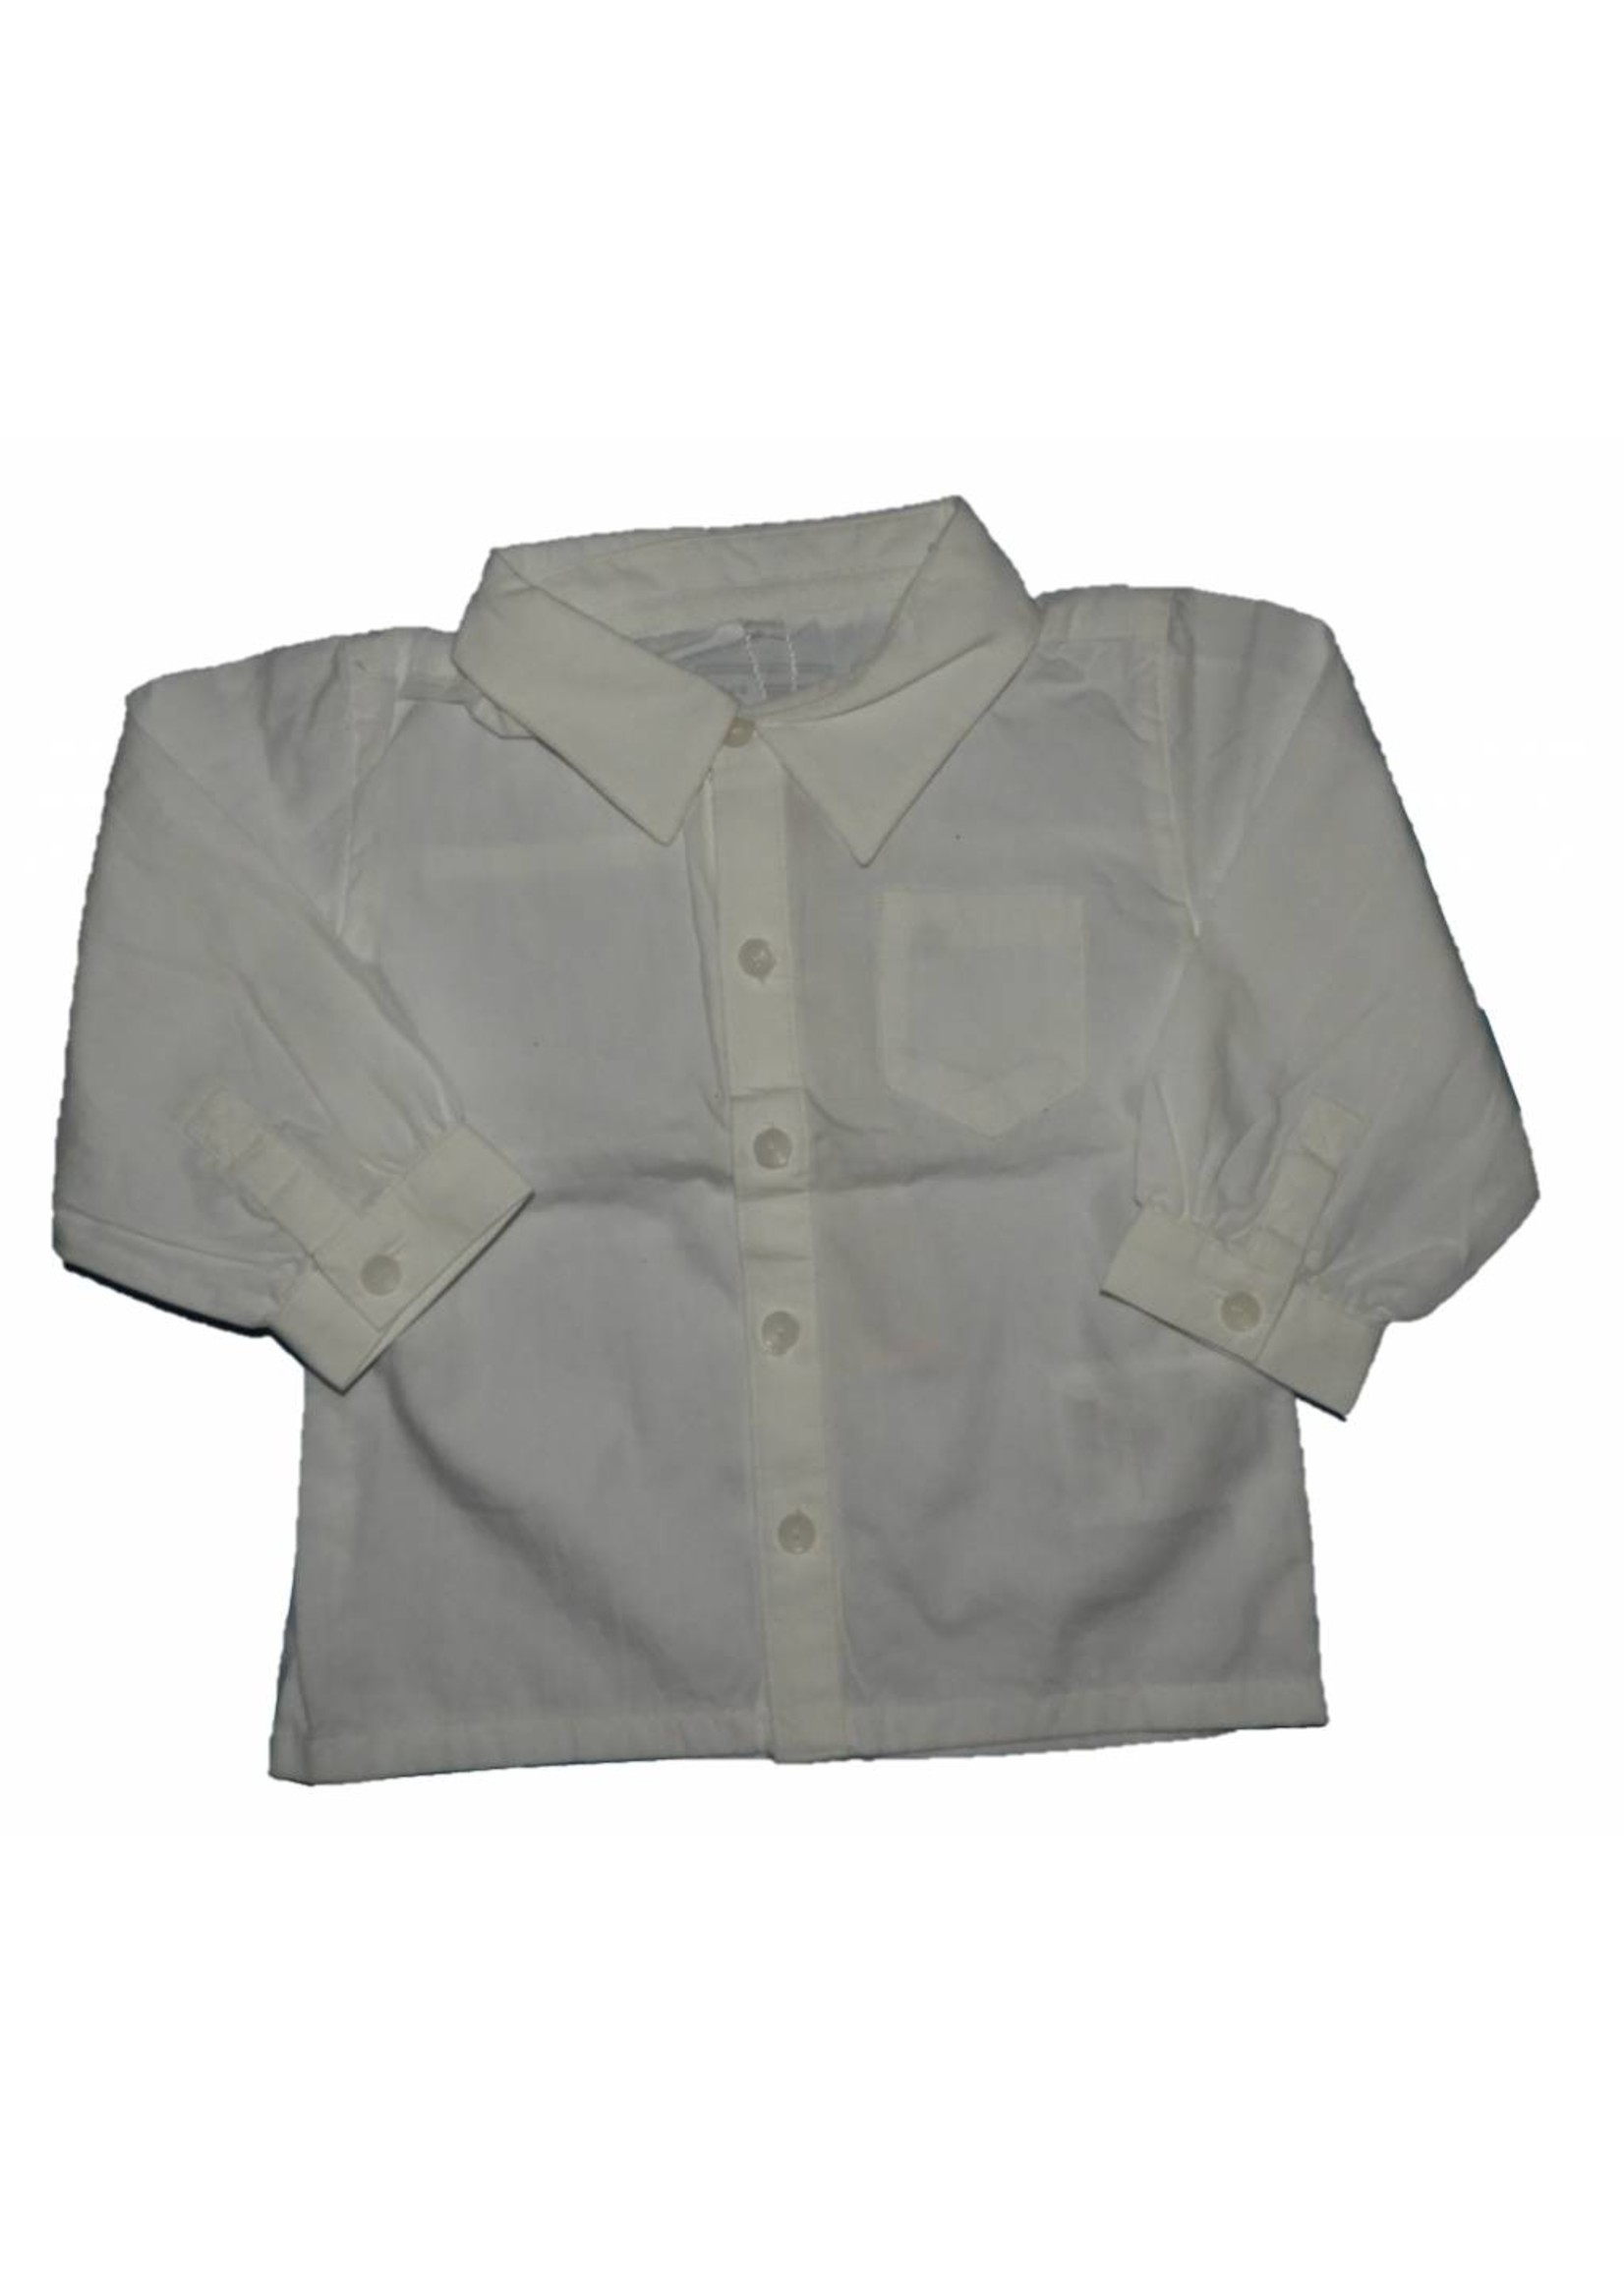 Name it overhemd maat 62